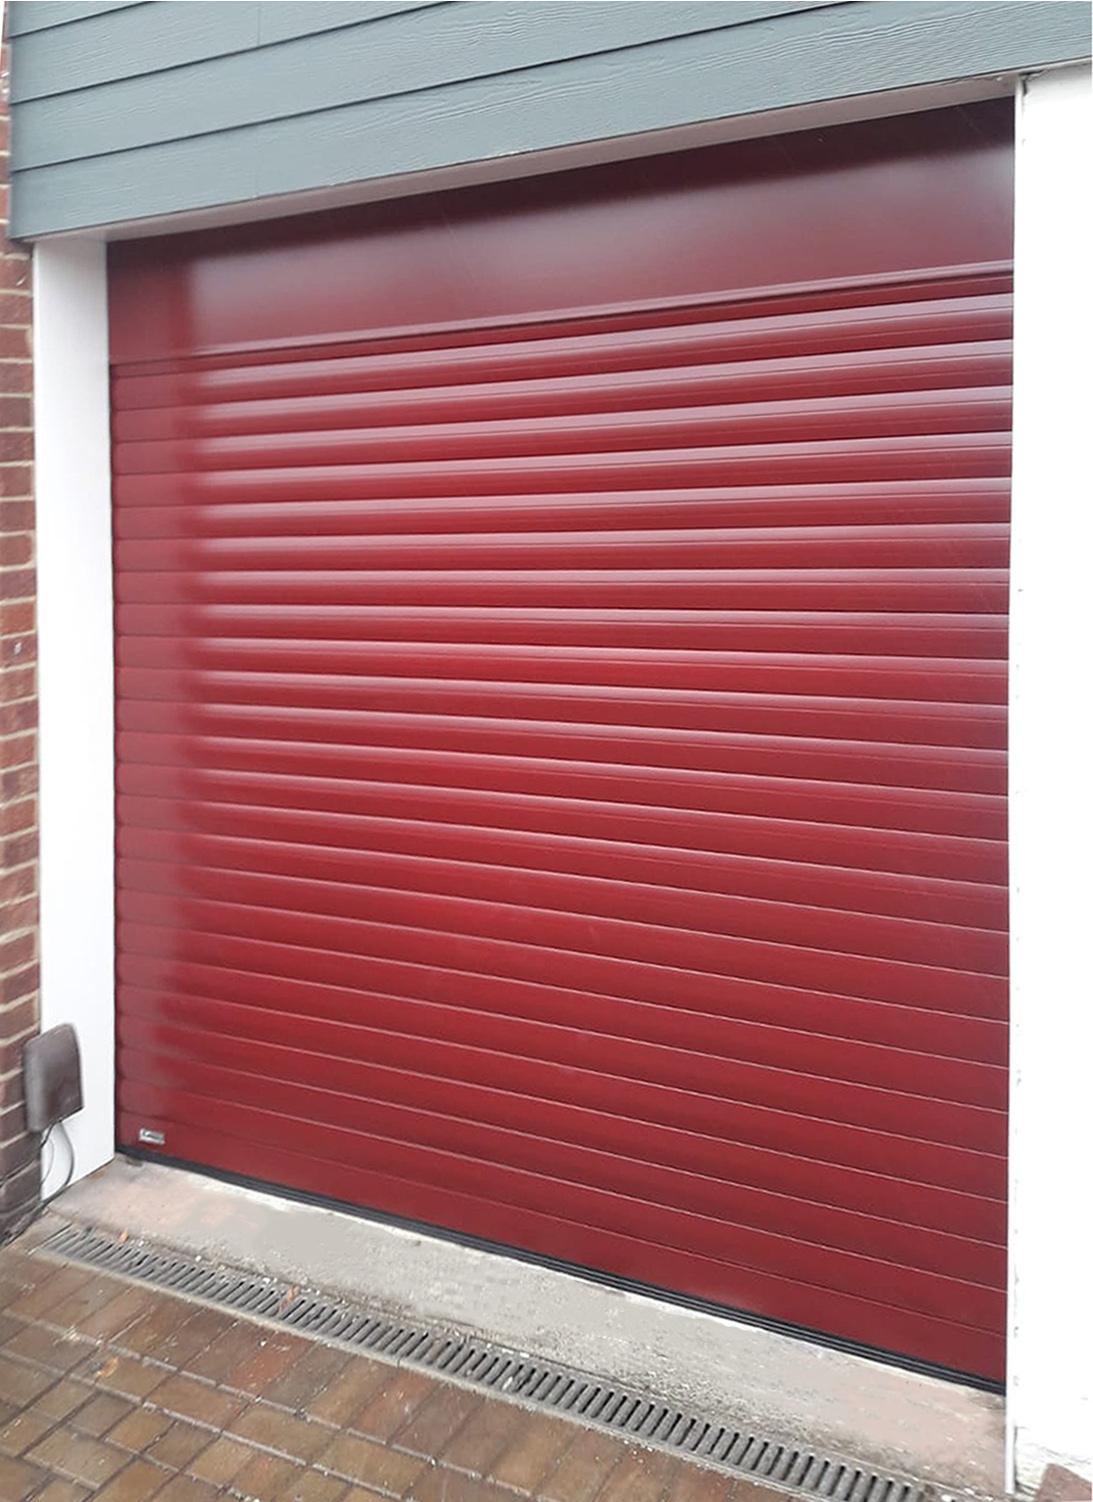 SeceuroGlide Roller Garage Door In Wine Red